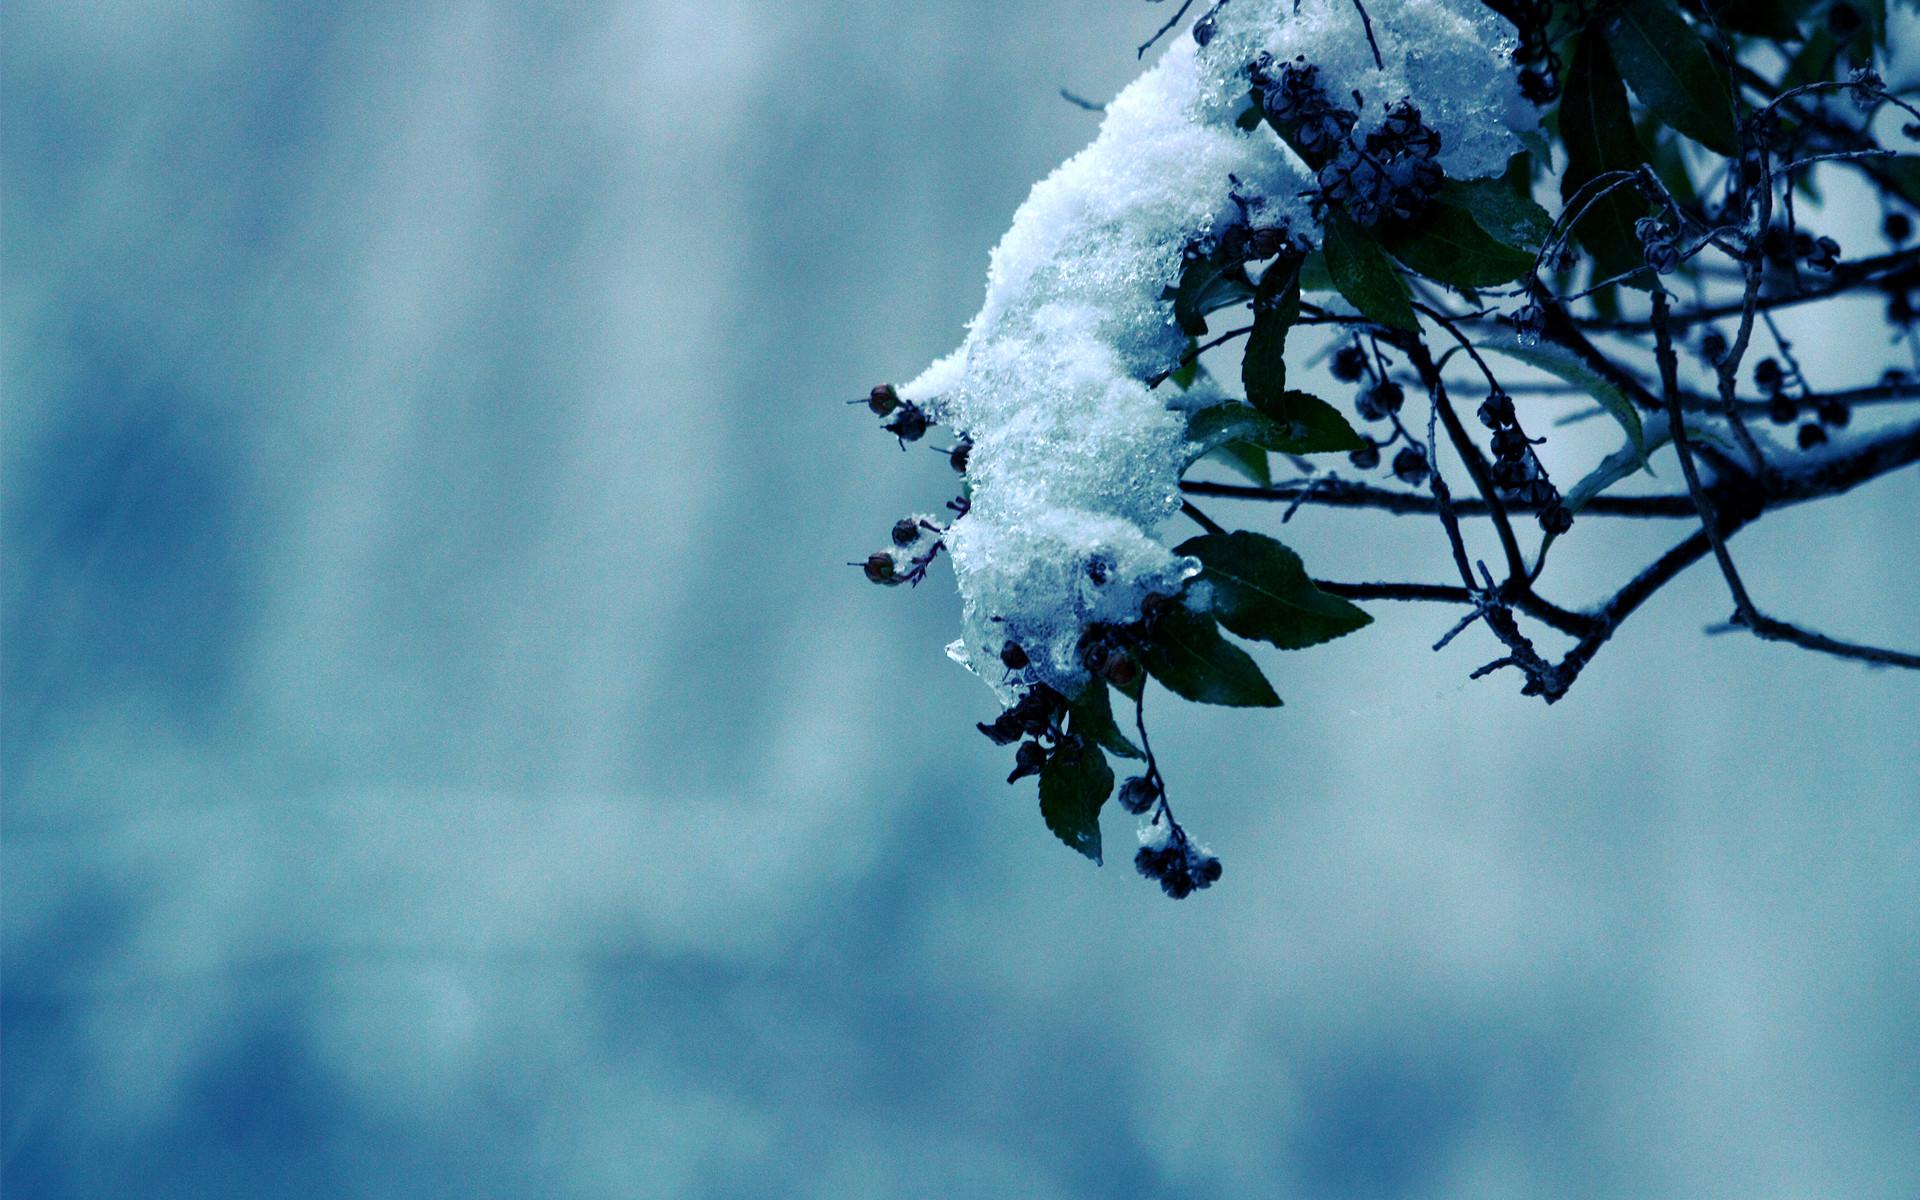 Widescreen Backgrounds Winter | wallpaper, wallpaper hd .